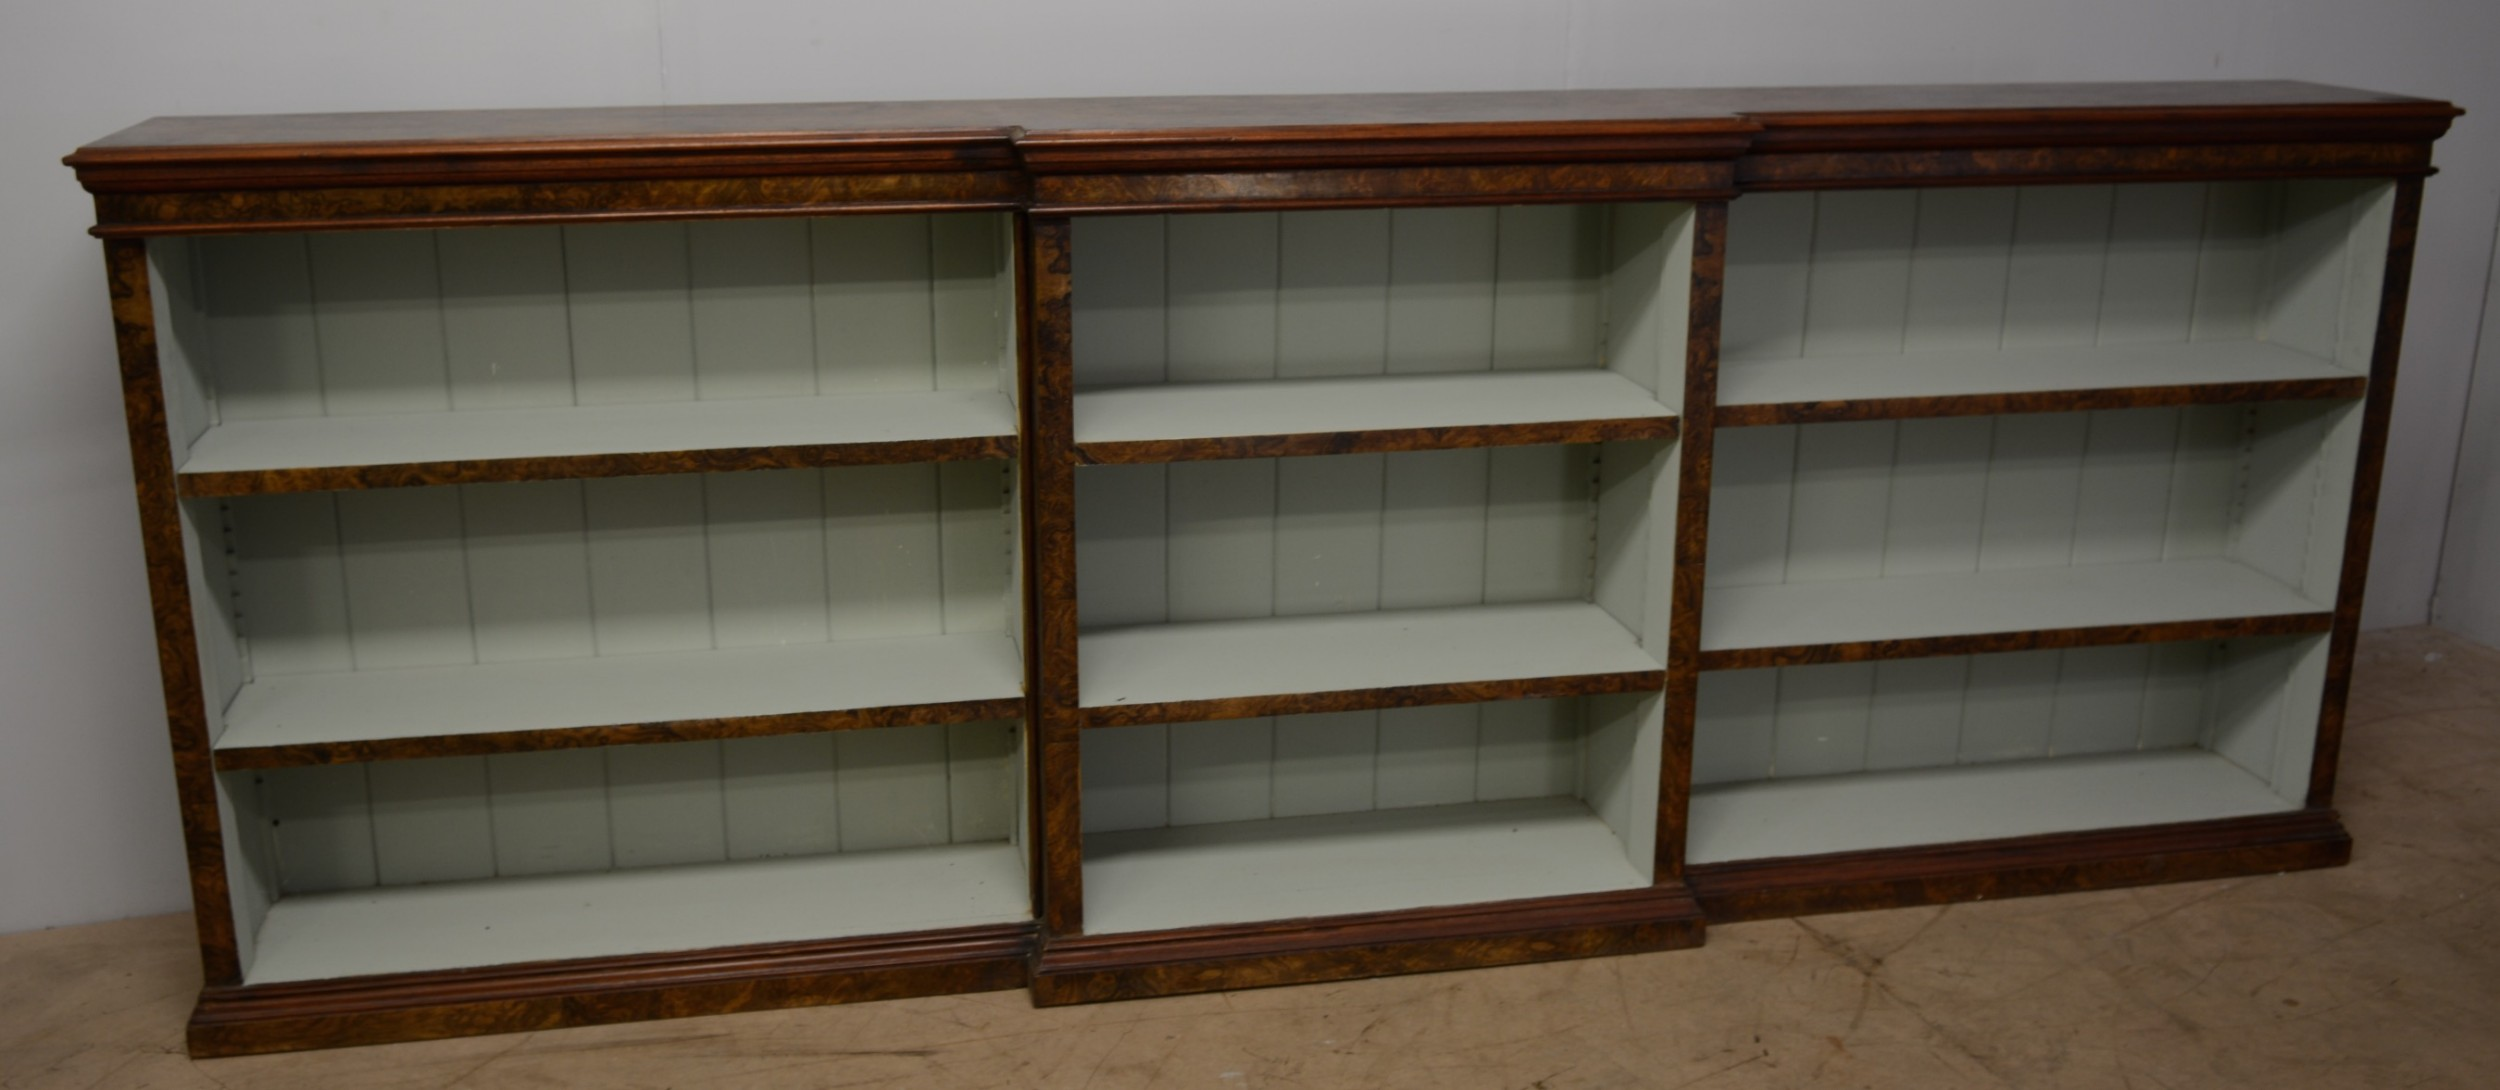 burr walnut open book shelves